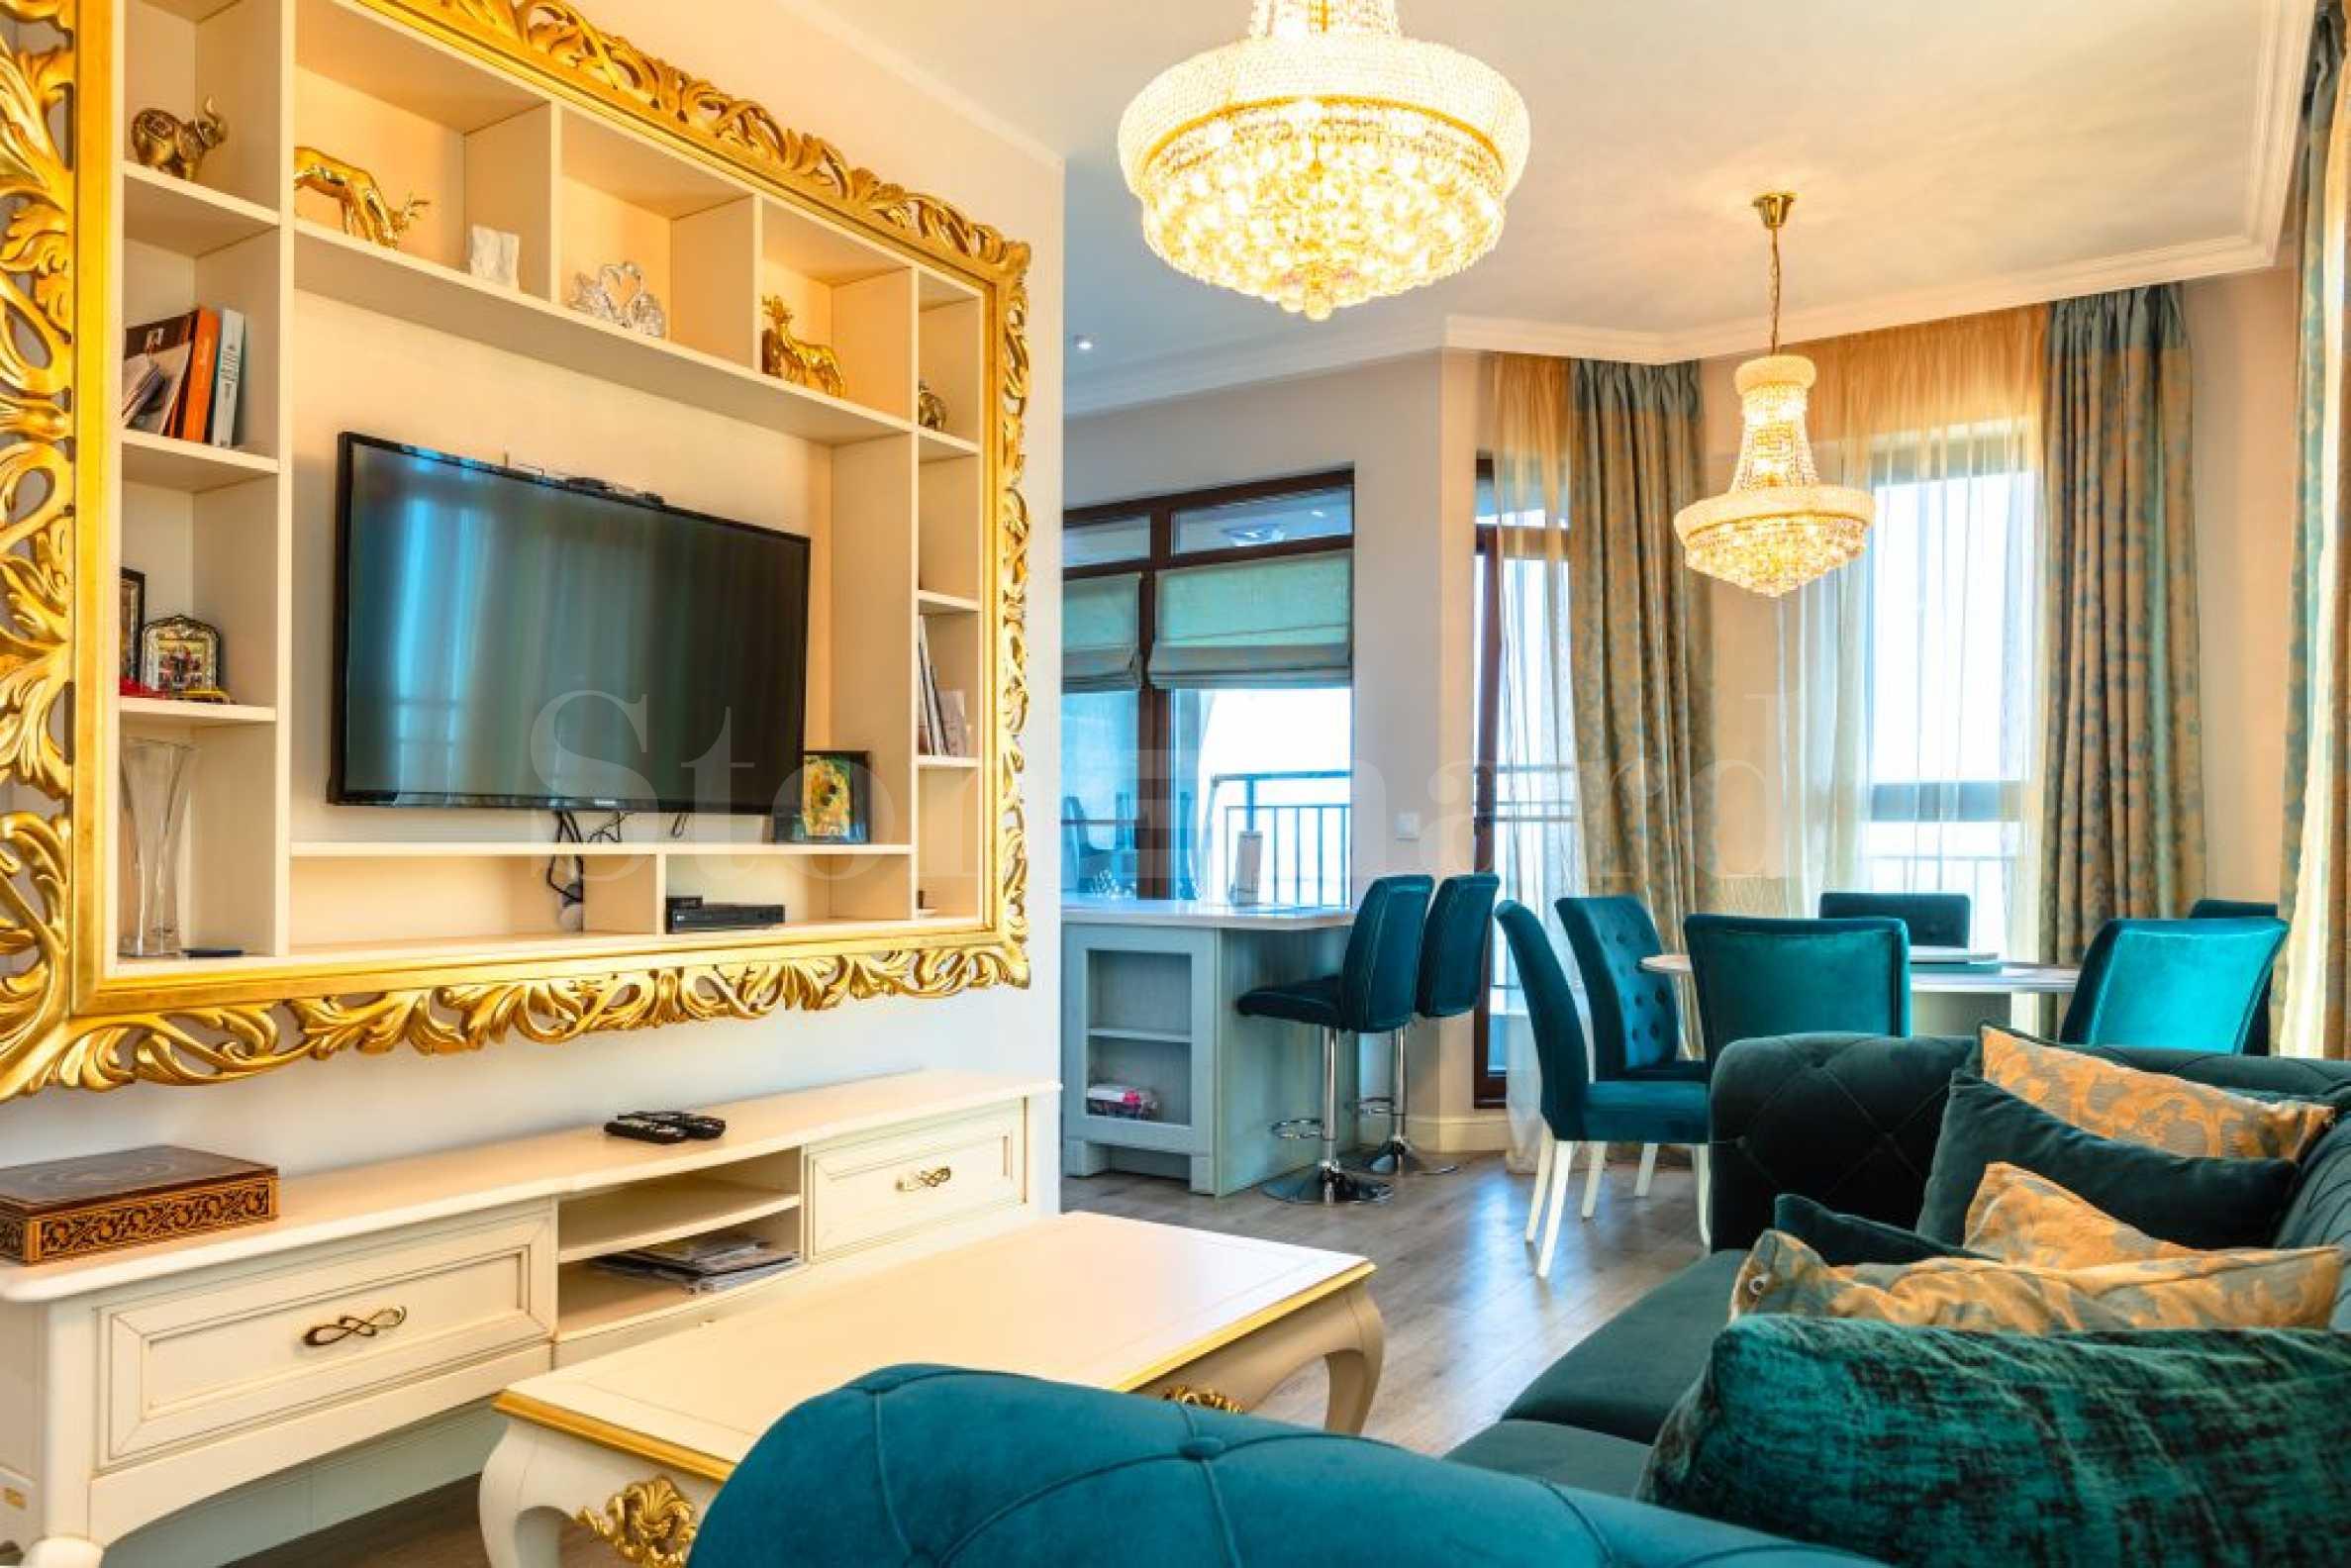 Бутикови апартаменти в сграда - емблема на Бургас2 - Stonehard